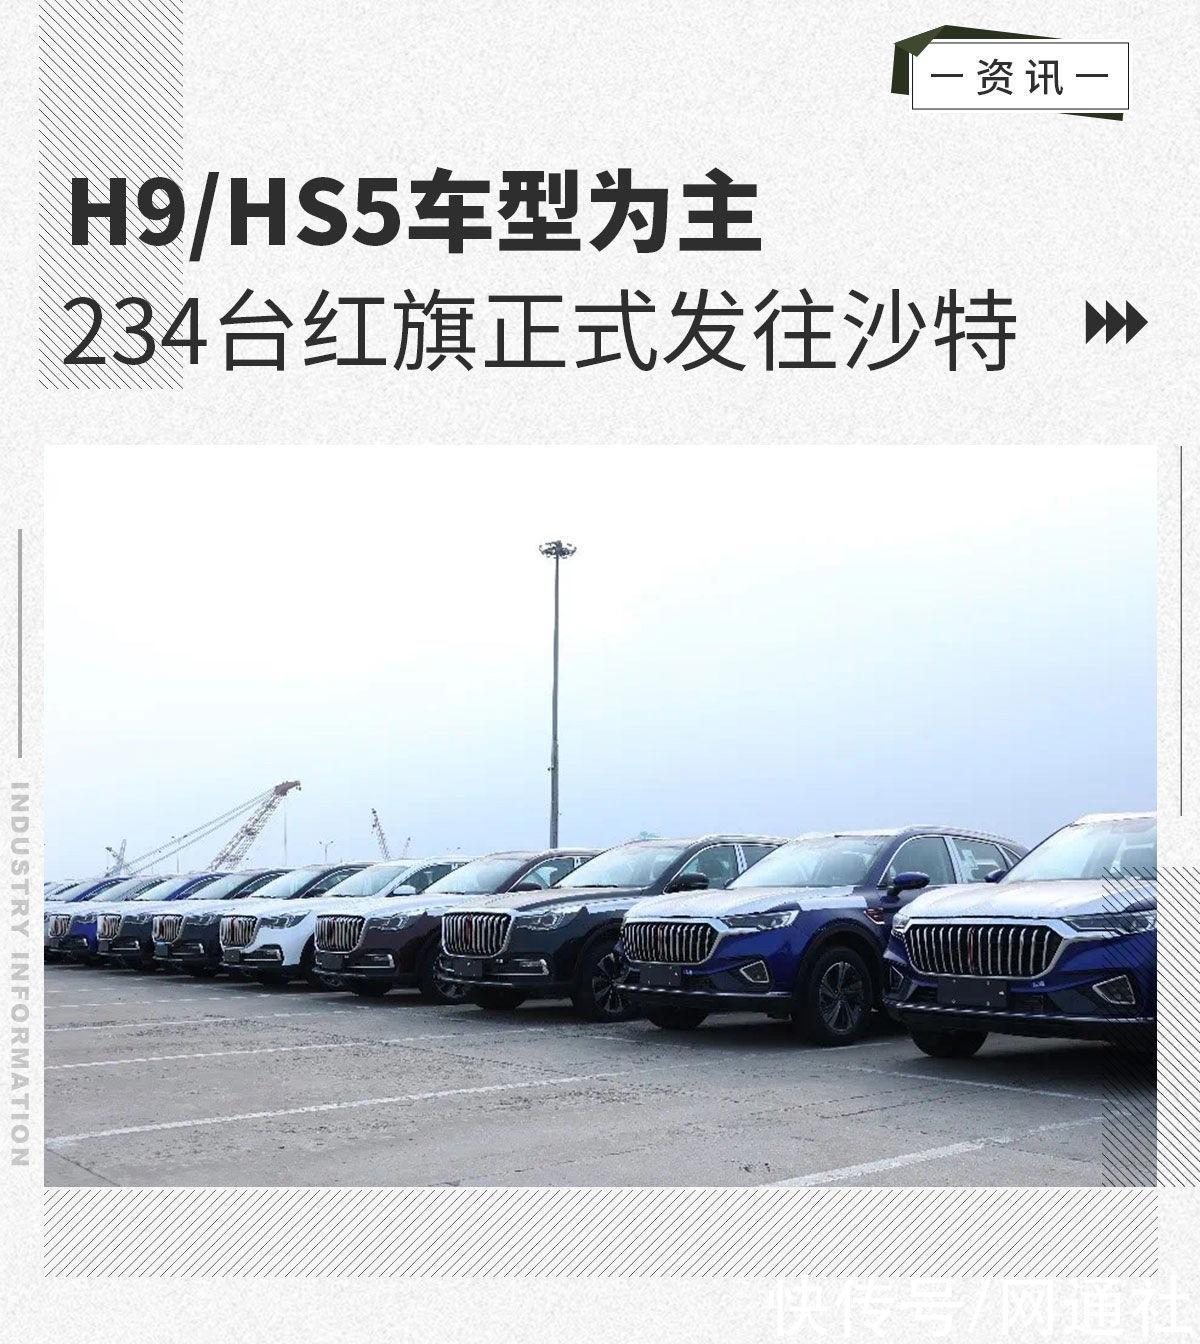 H9/HS5車型為主 234臺紅旗正式啟程發往沙特